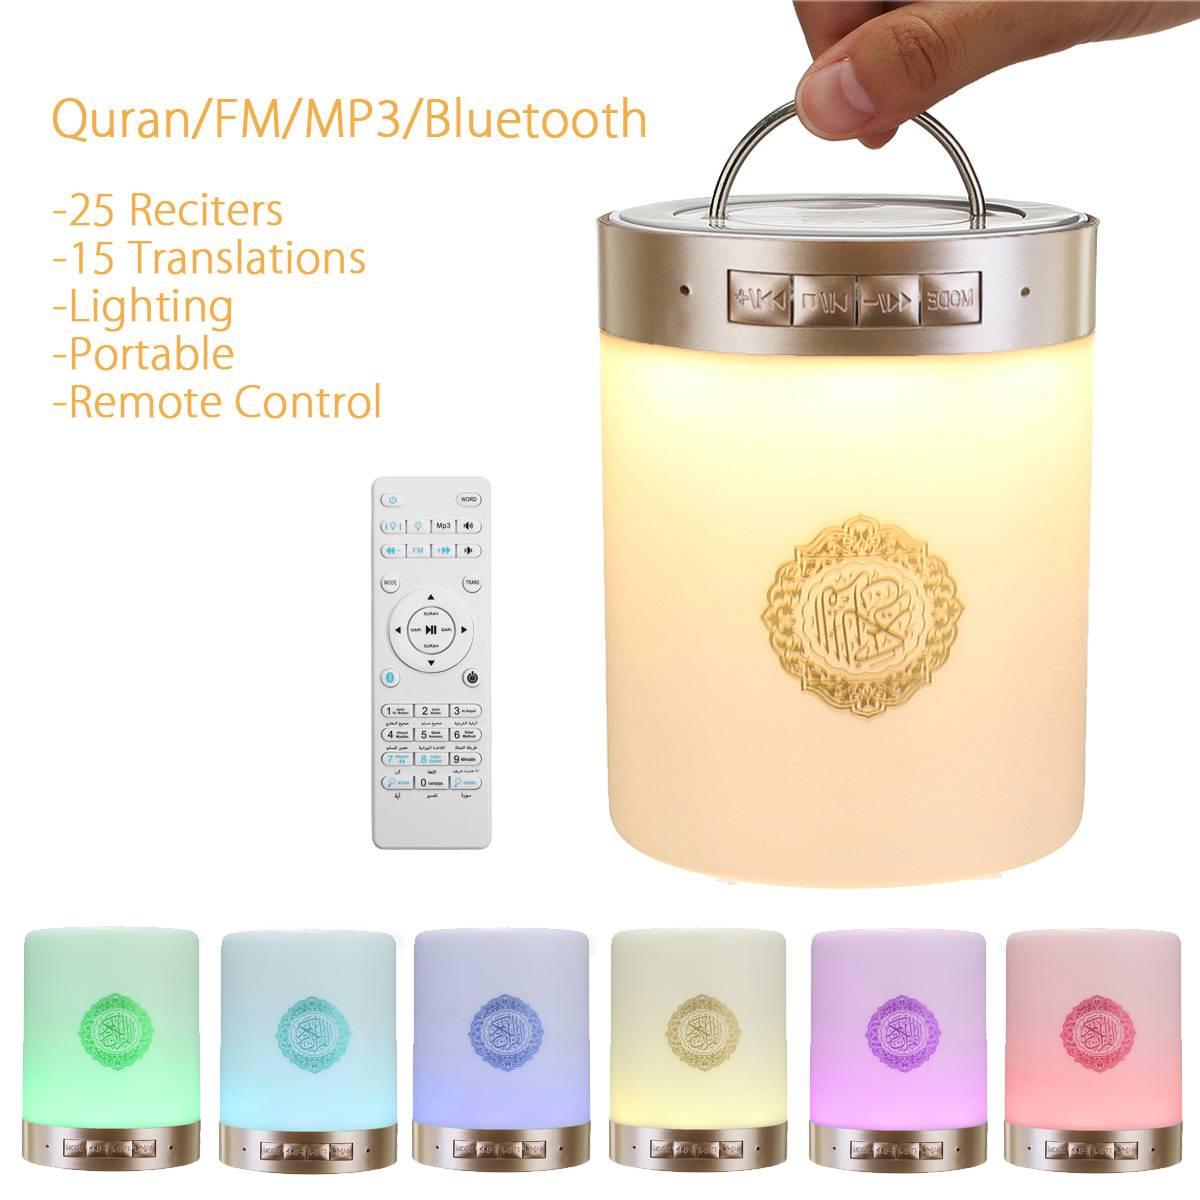 LEORY светодиодный Bluetooth Динамик Рамадан Коран чтец Корана Динамик 8G MP3 FM радио колонки, сдистанционным управлением 25 языков мусульманский под...